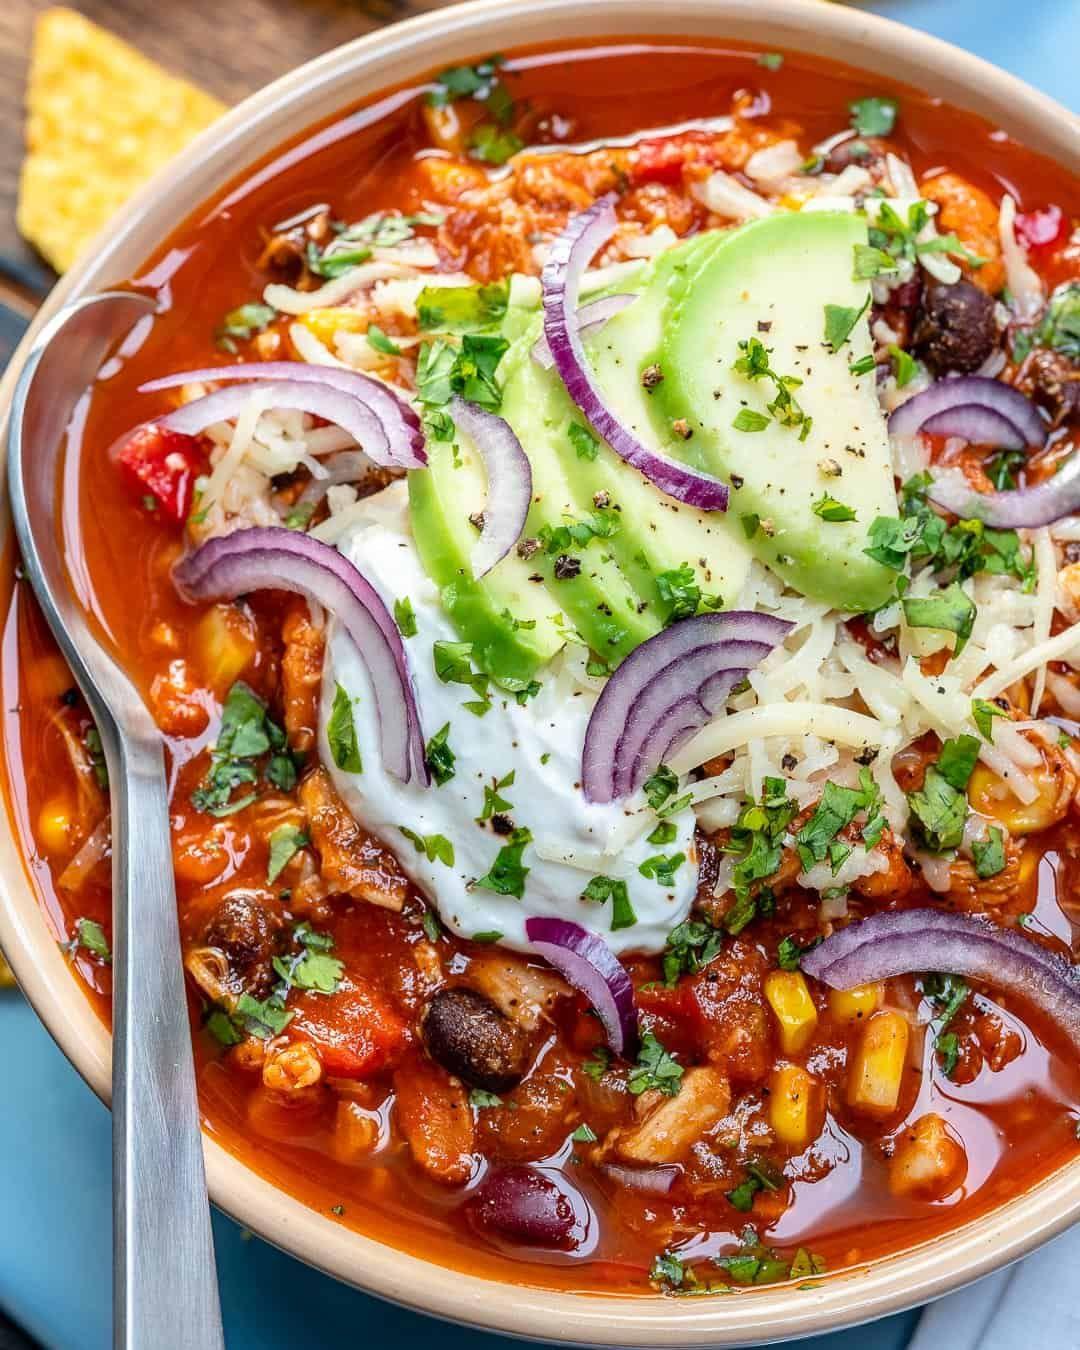 Easy Chicken Chili Recipe Recipe Chicken Chili Recipe Easy Easy Chicken Chili Chicken Chili Recipe